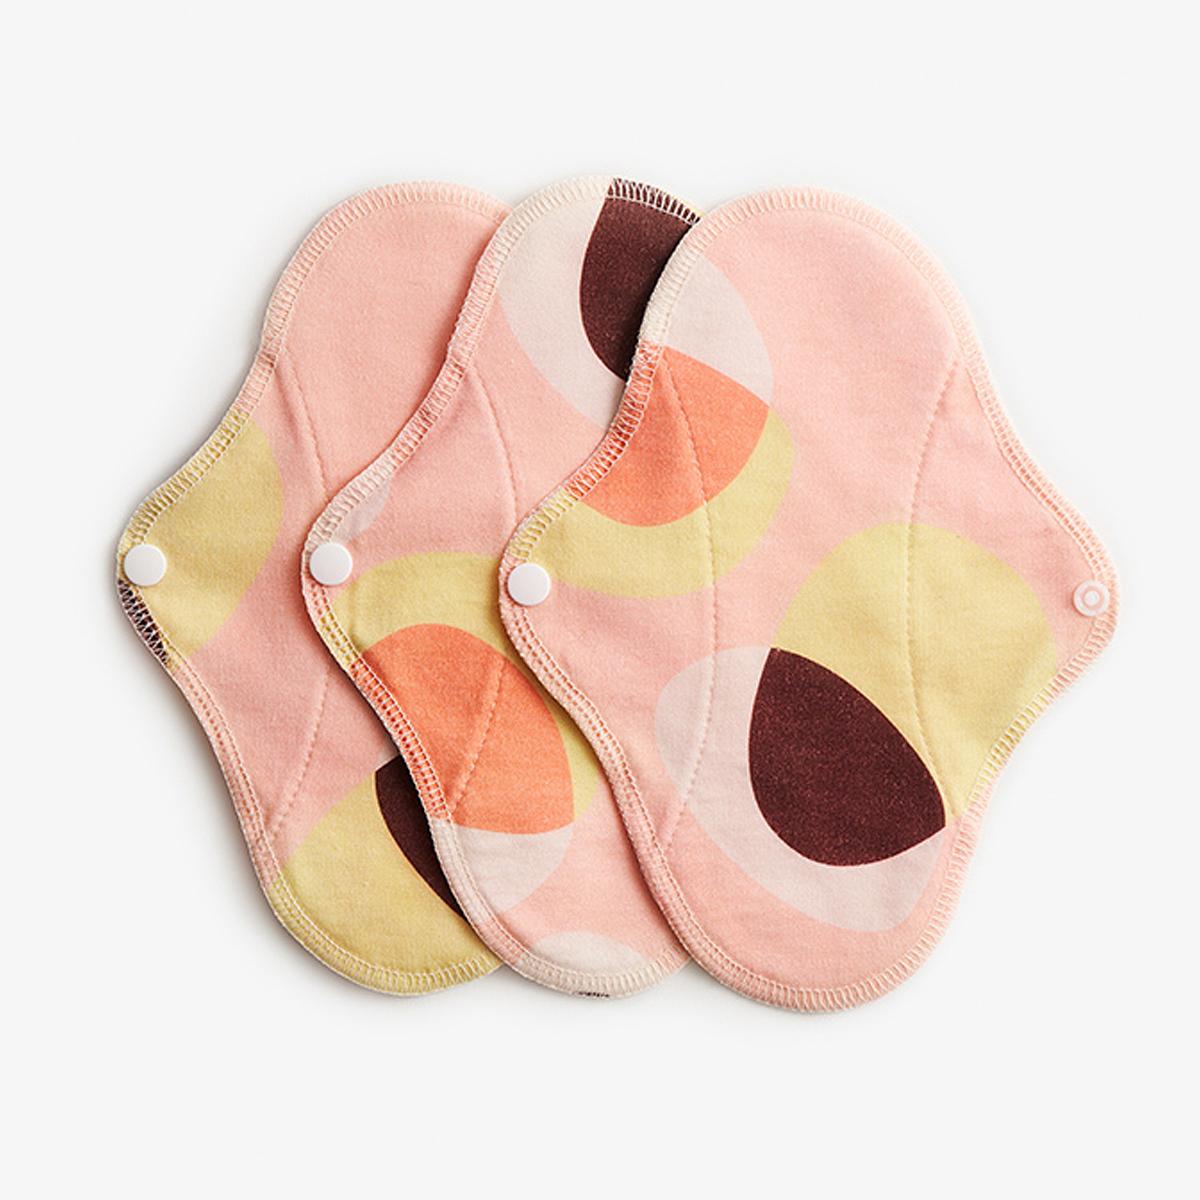 Imse Active ekologiskt trosskydd tvätt- och återanvändningsbart 3-pack pink hoop